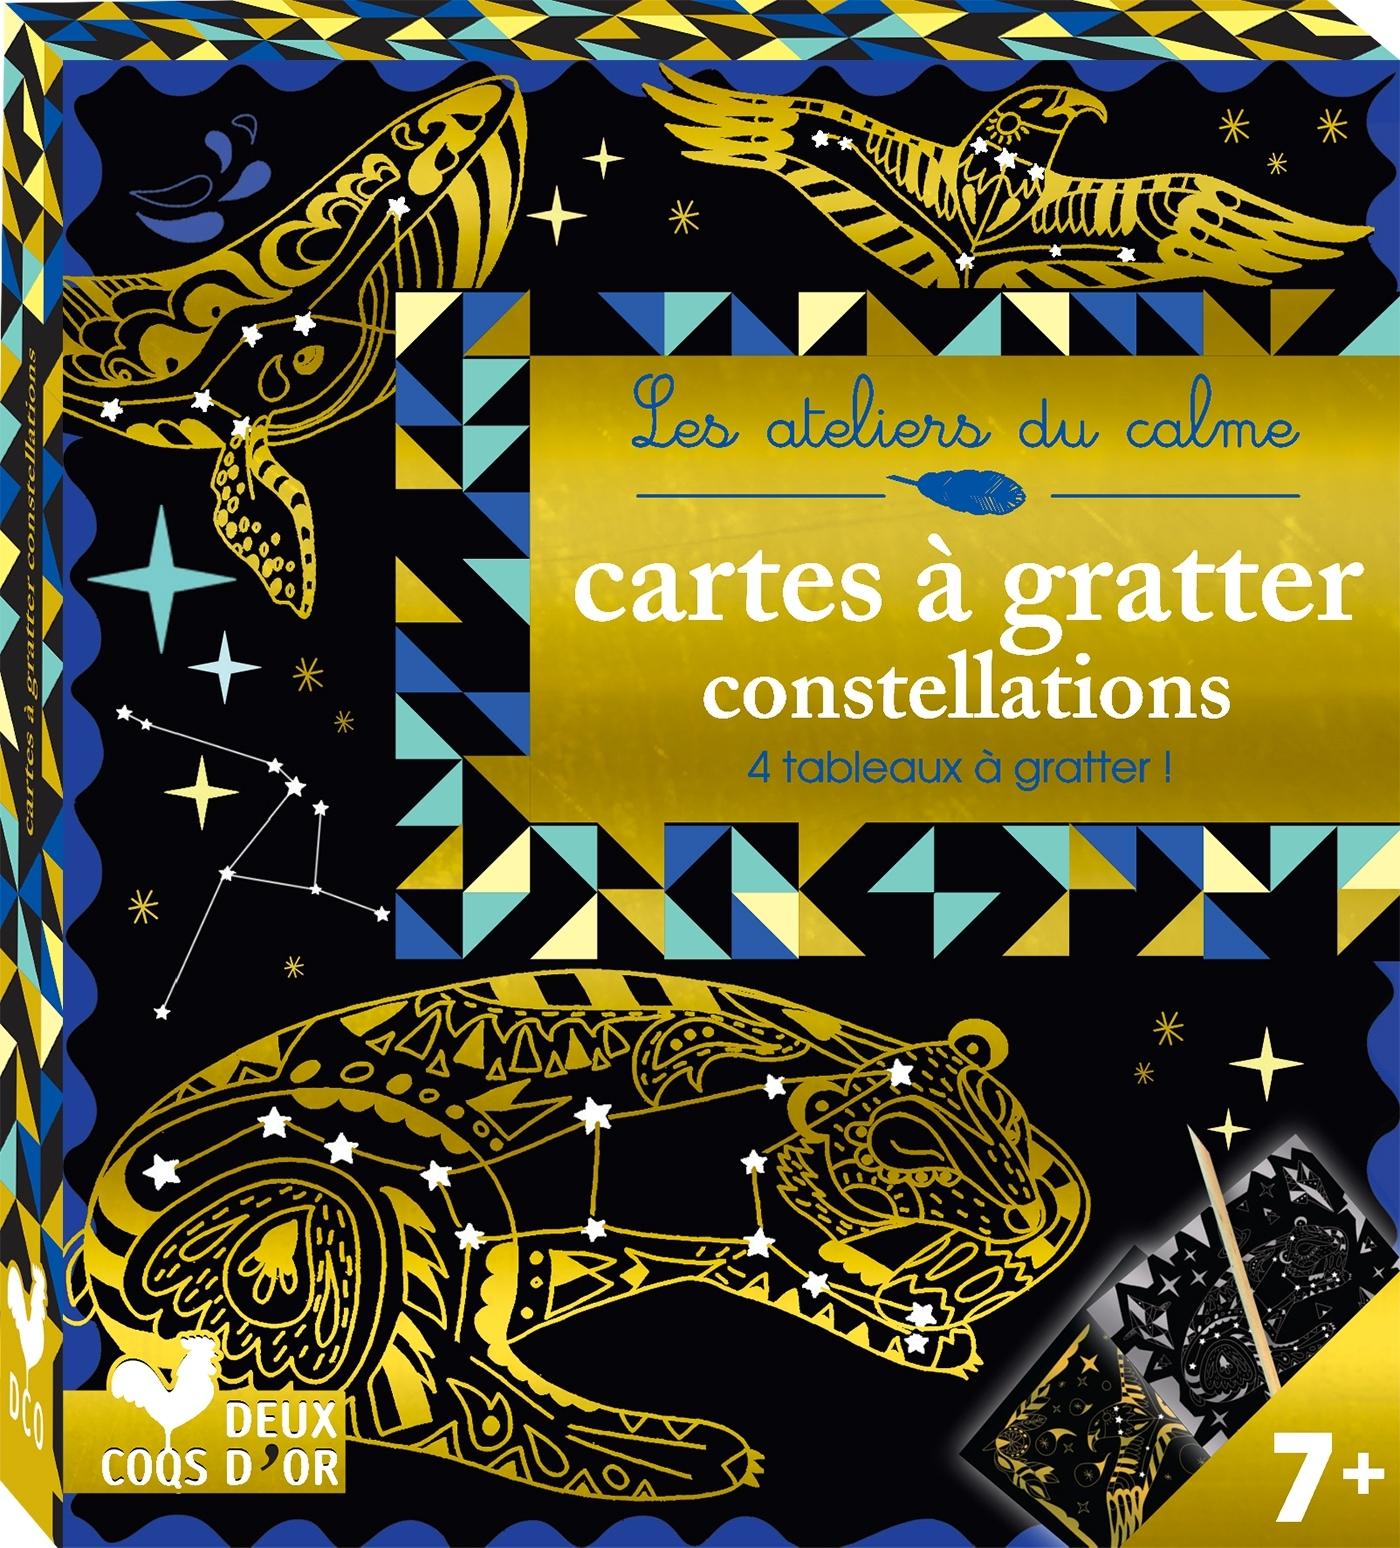 CARTES A GRATTER CONSTELLATIONS - MINI BOITE AVEC ACCESSOIRES